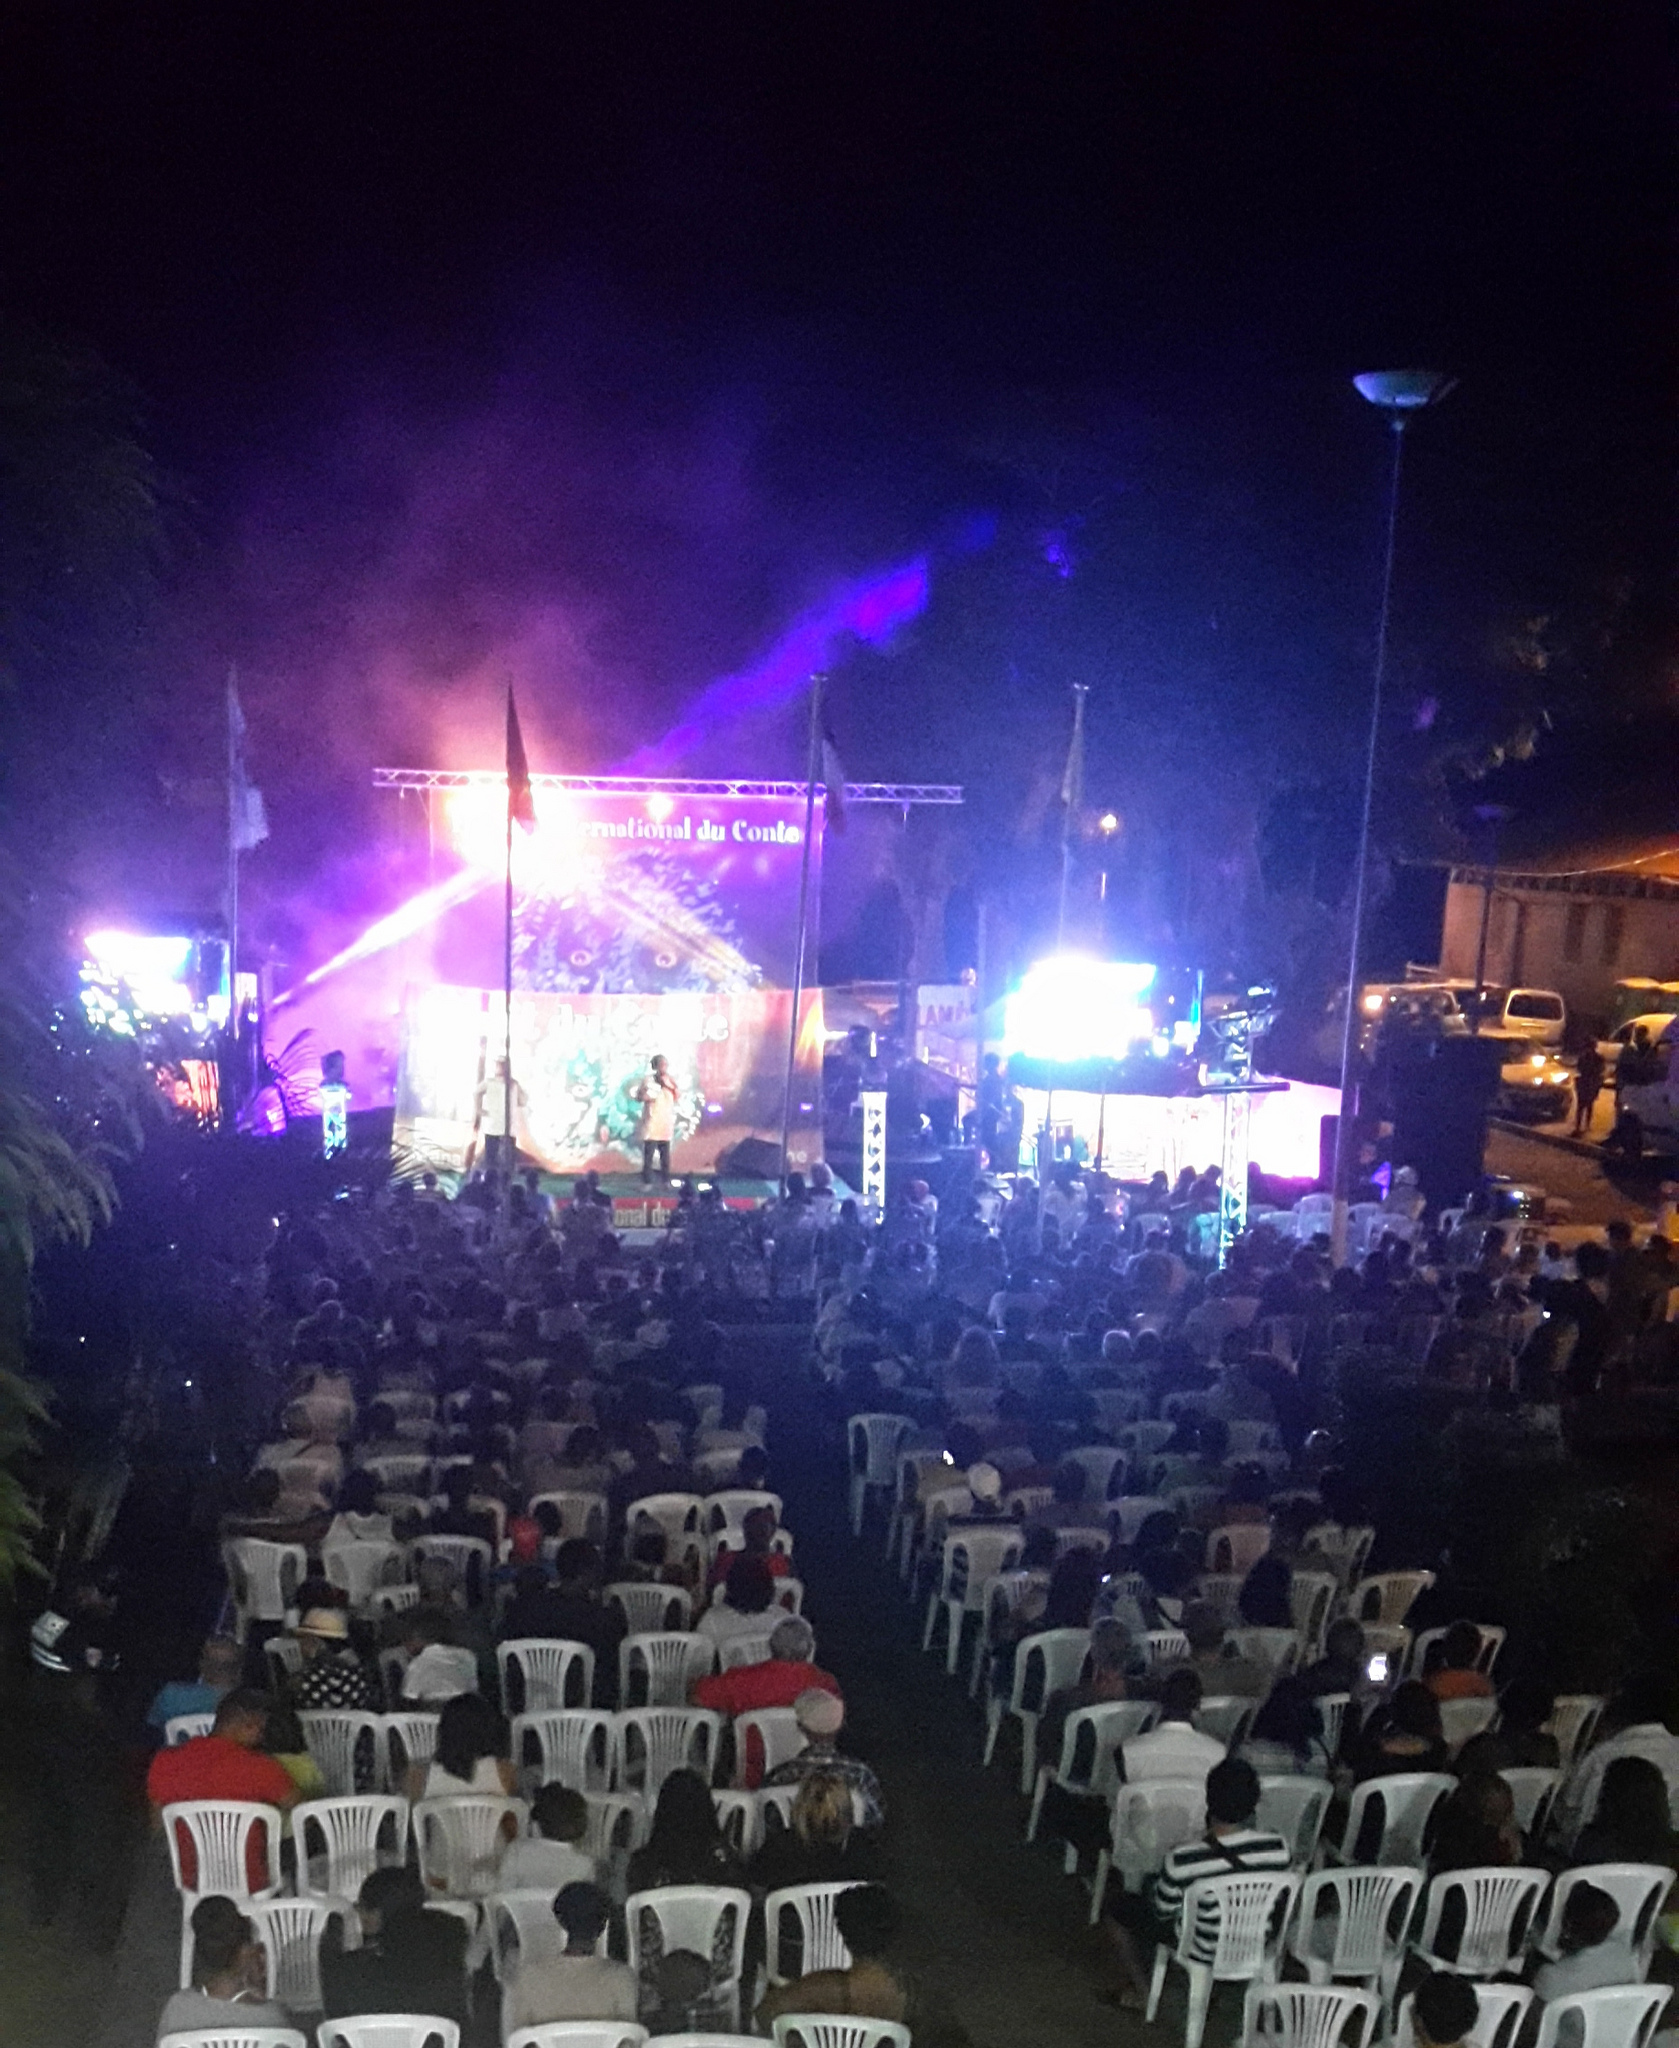 Université de Guyane : nuit du conte